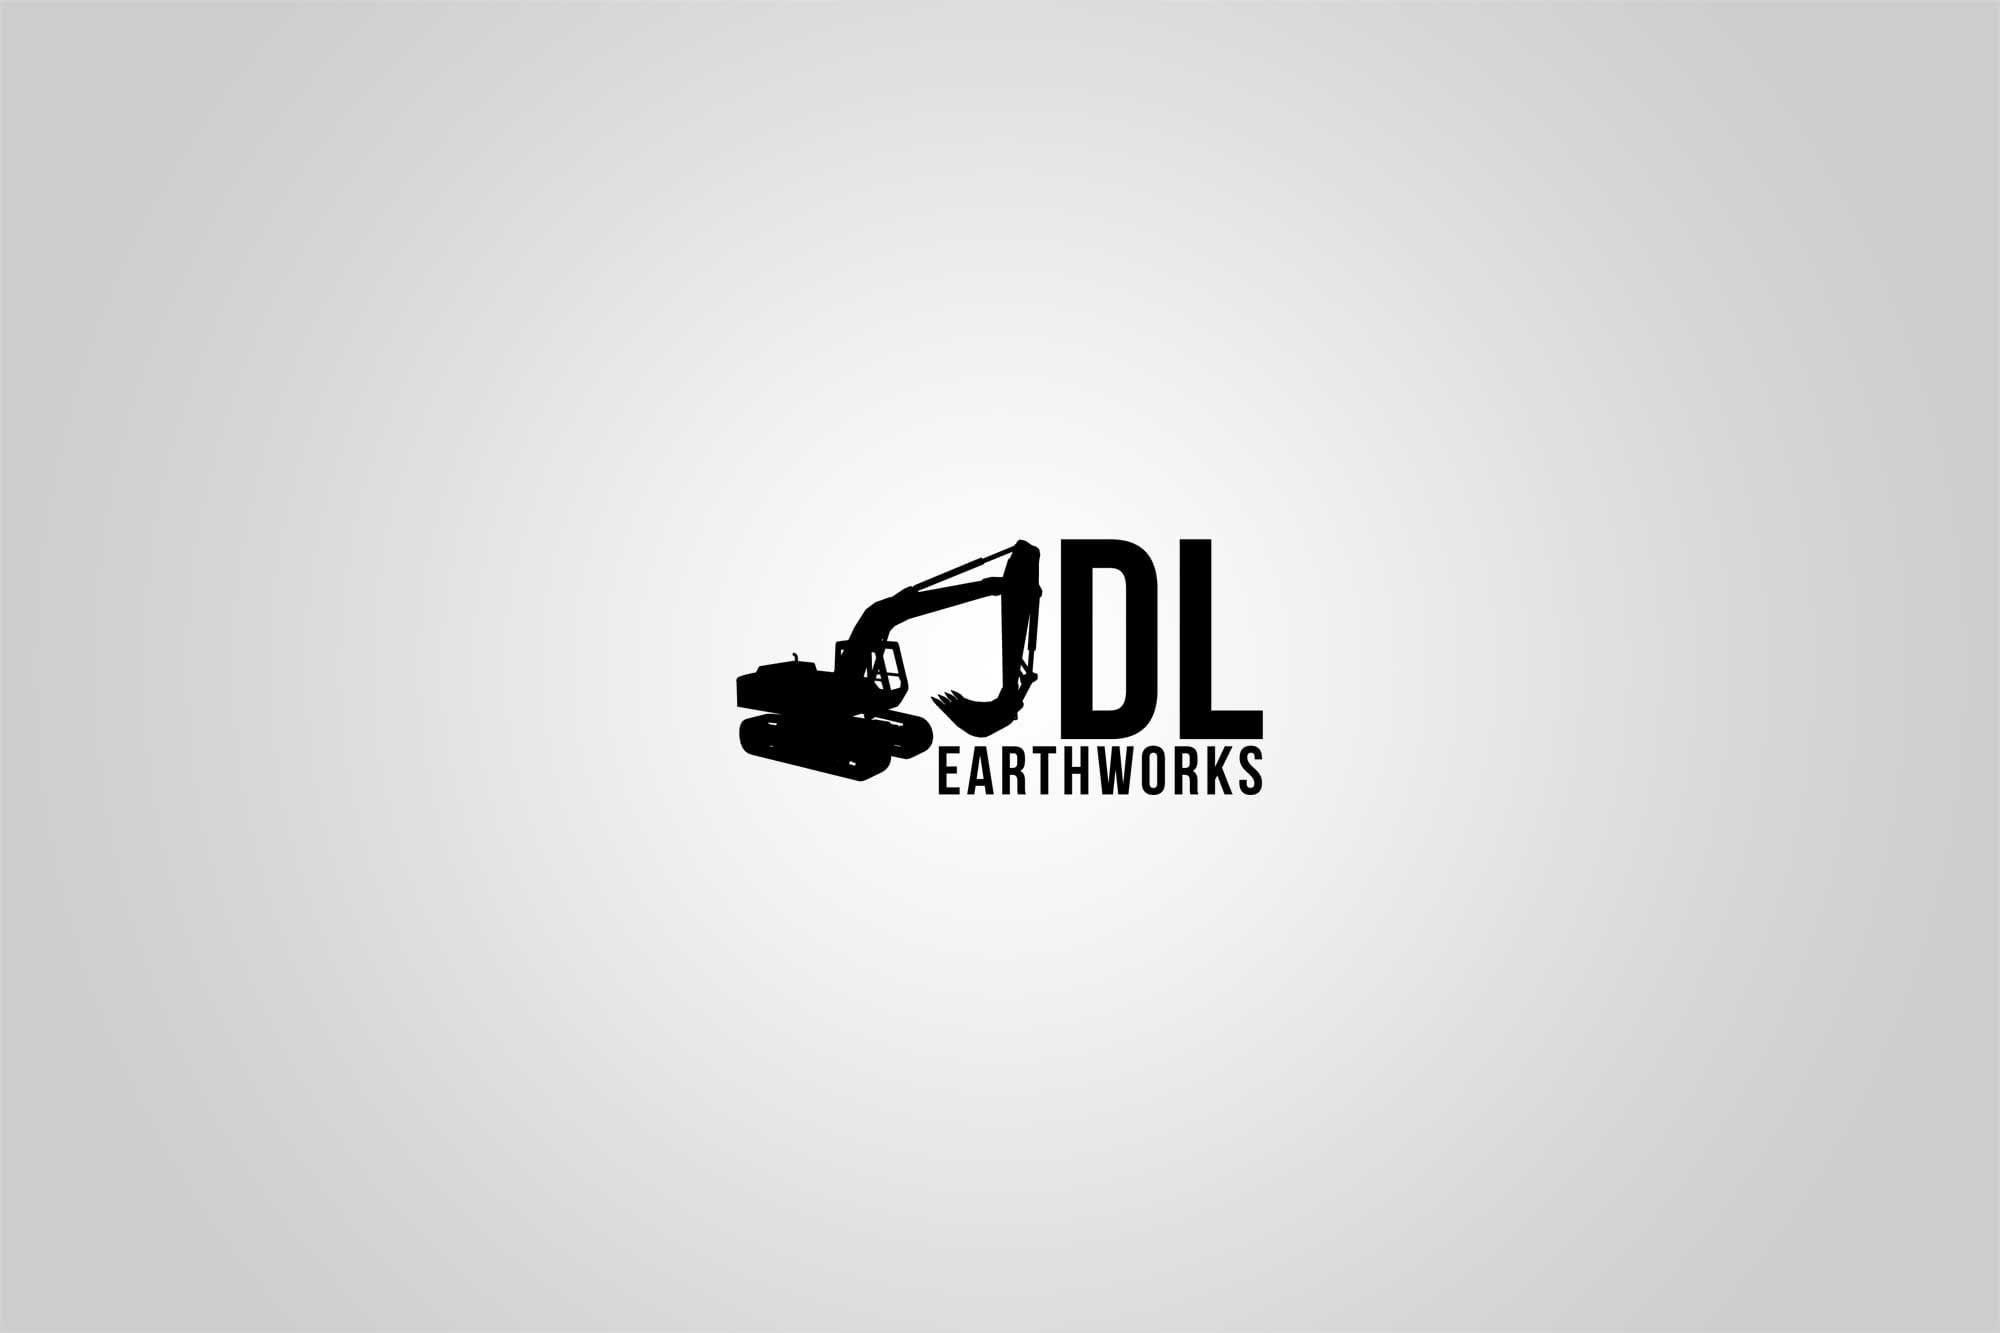 JDL Earthworks